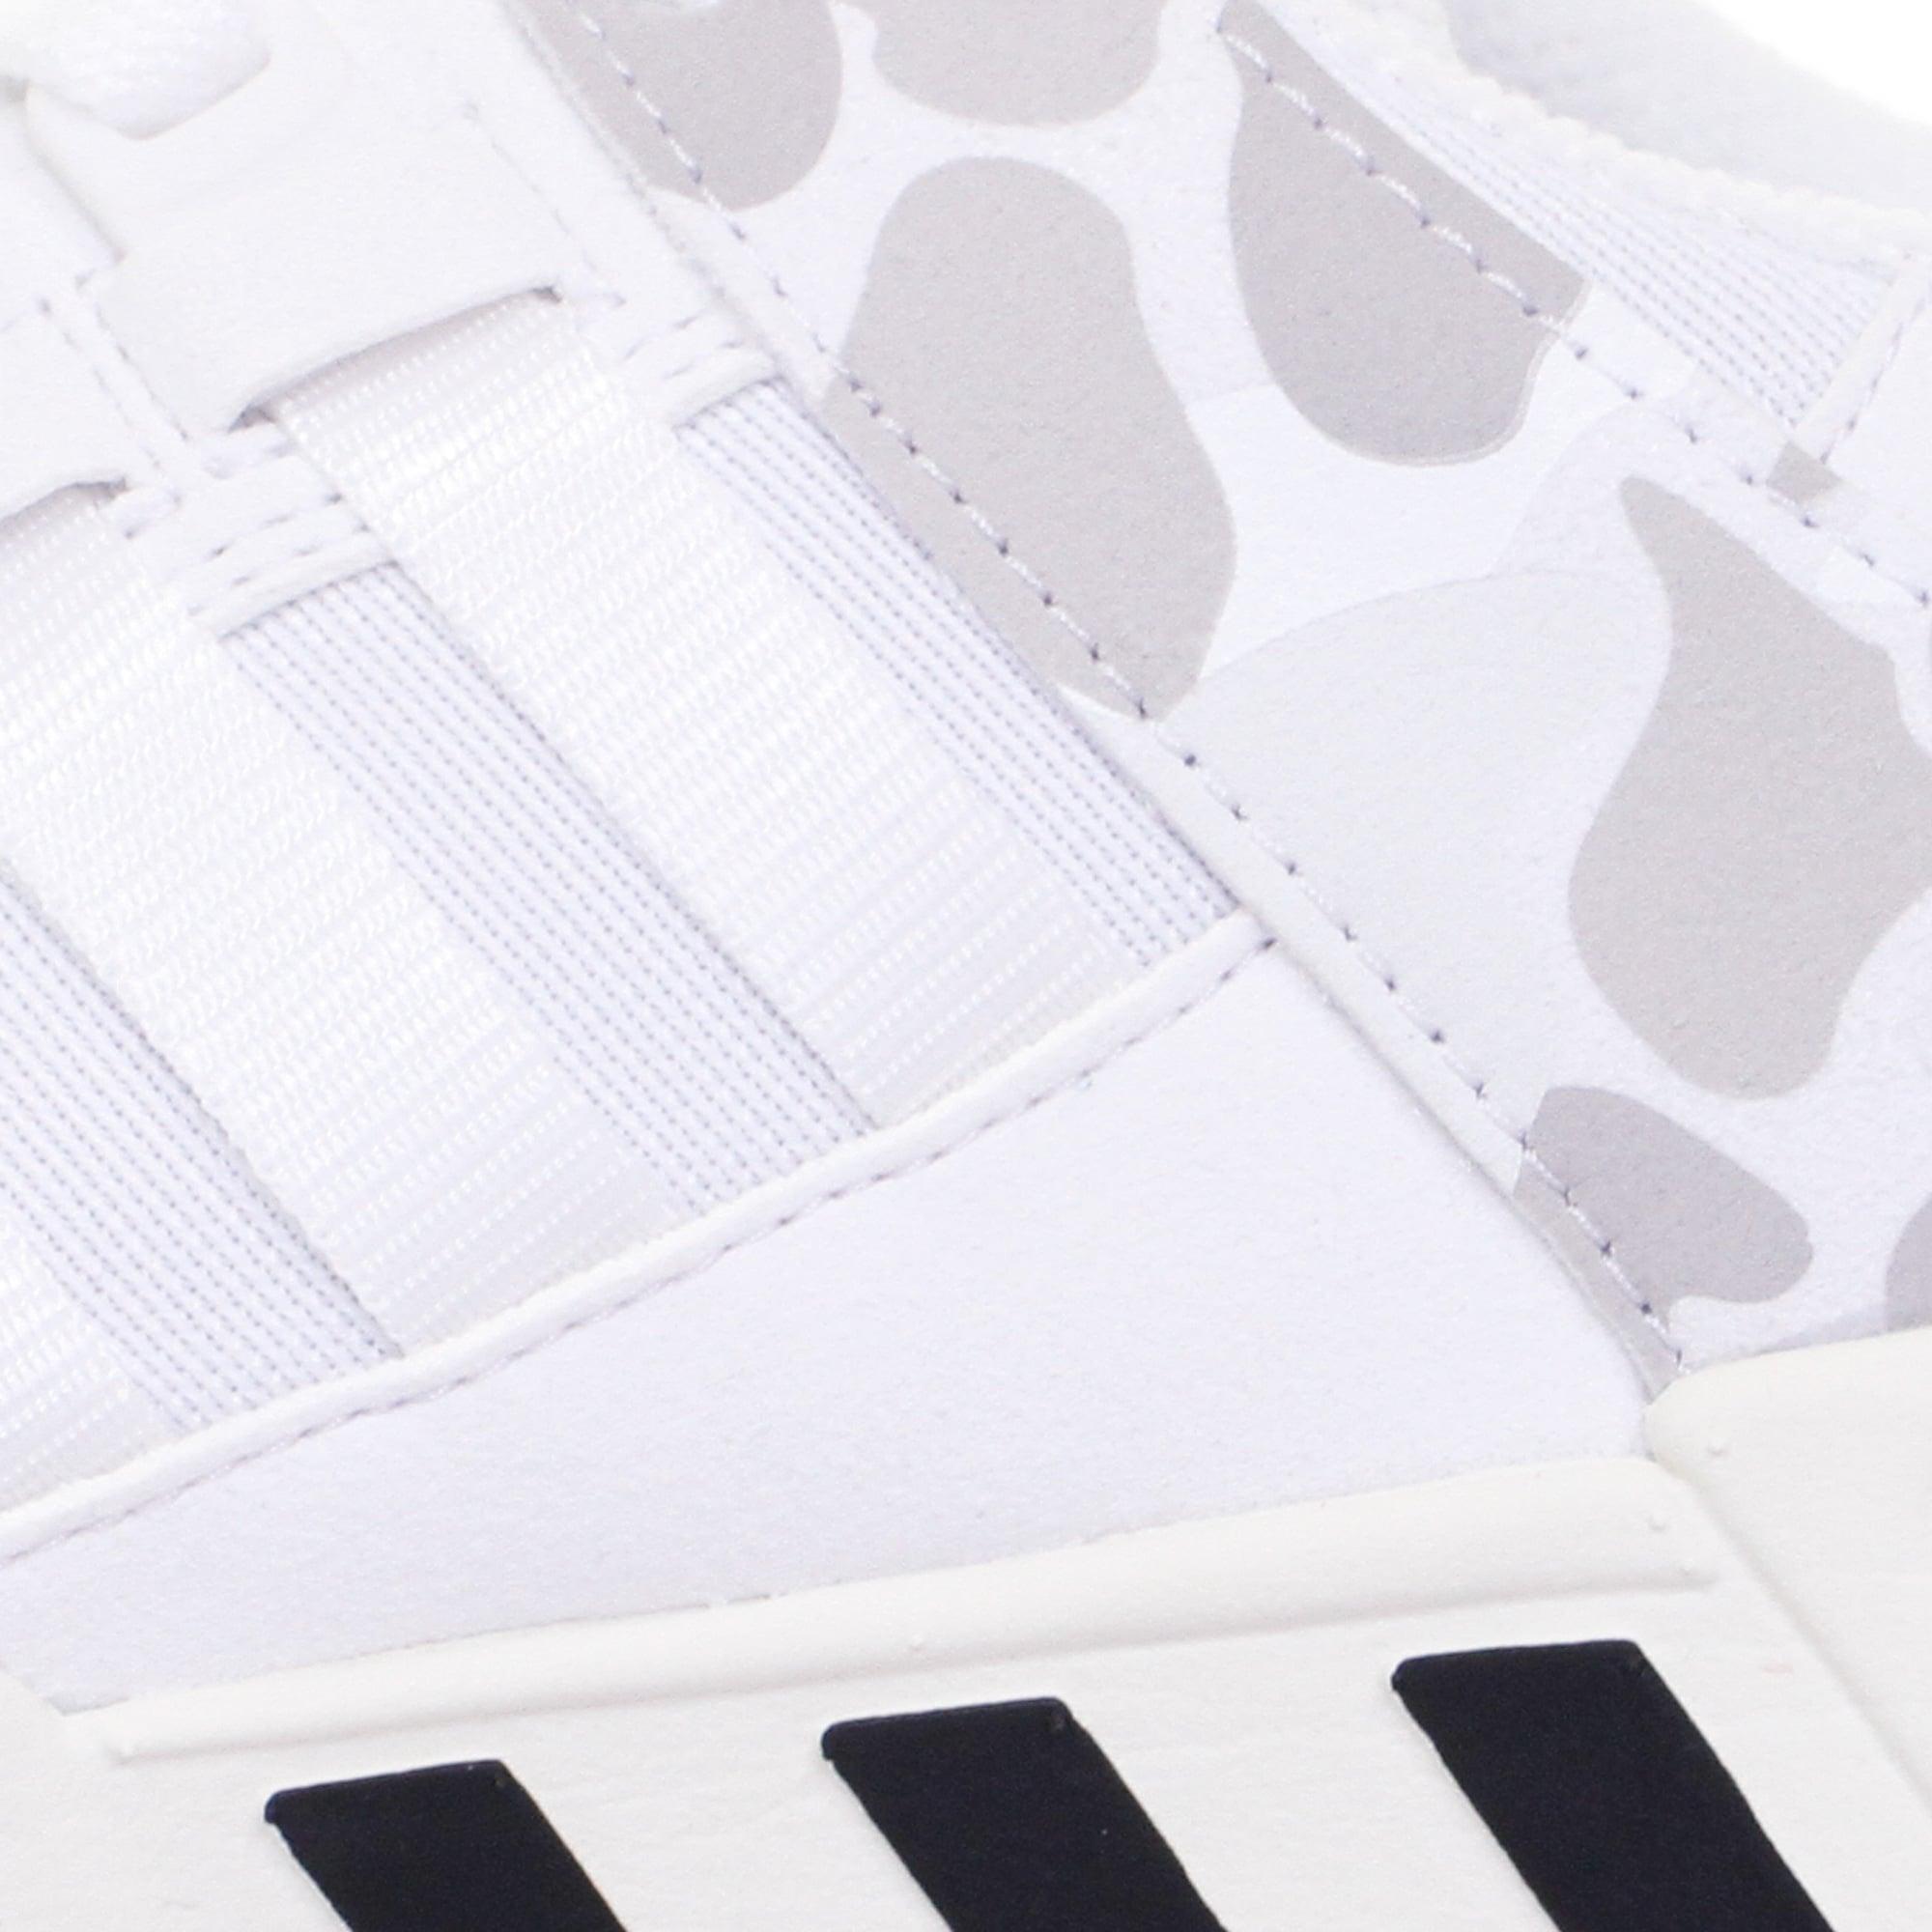 Adidas originali dei formatori eqt sostegno delle scarpe bianche